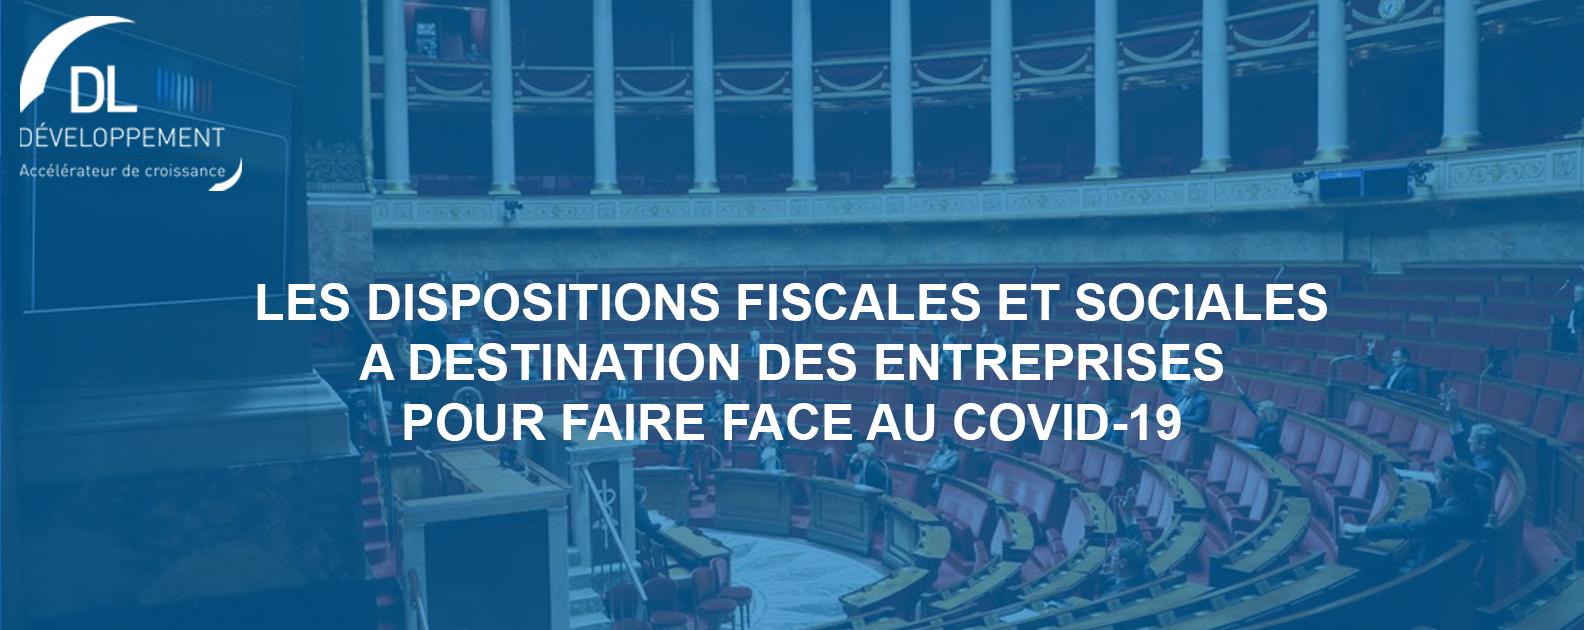 Les dispositions fiscales et sociales à destination des entreprises pour faire face au COVID-19